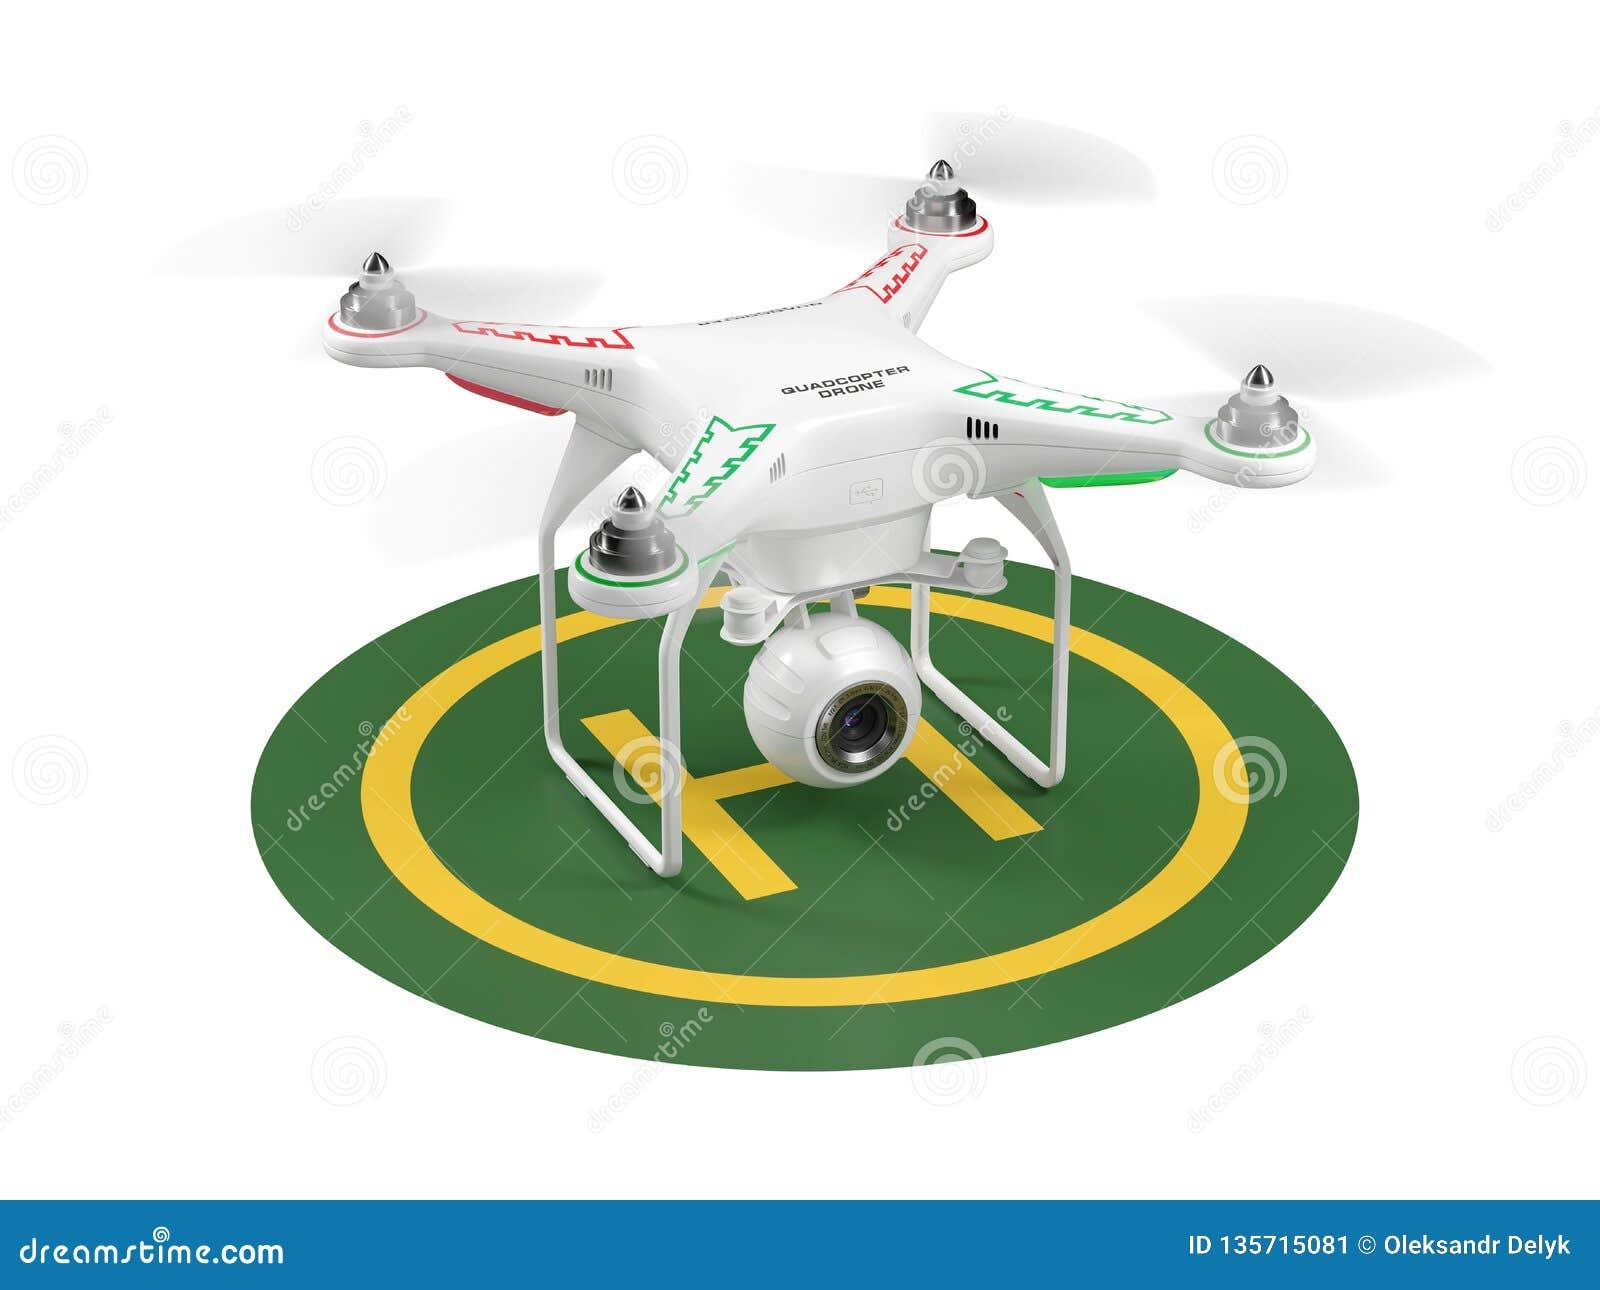 Zangão de aterrissagem no heliporto verde 3d